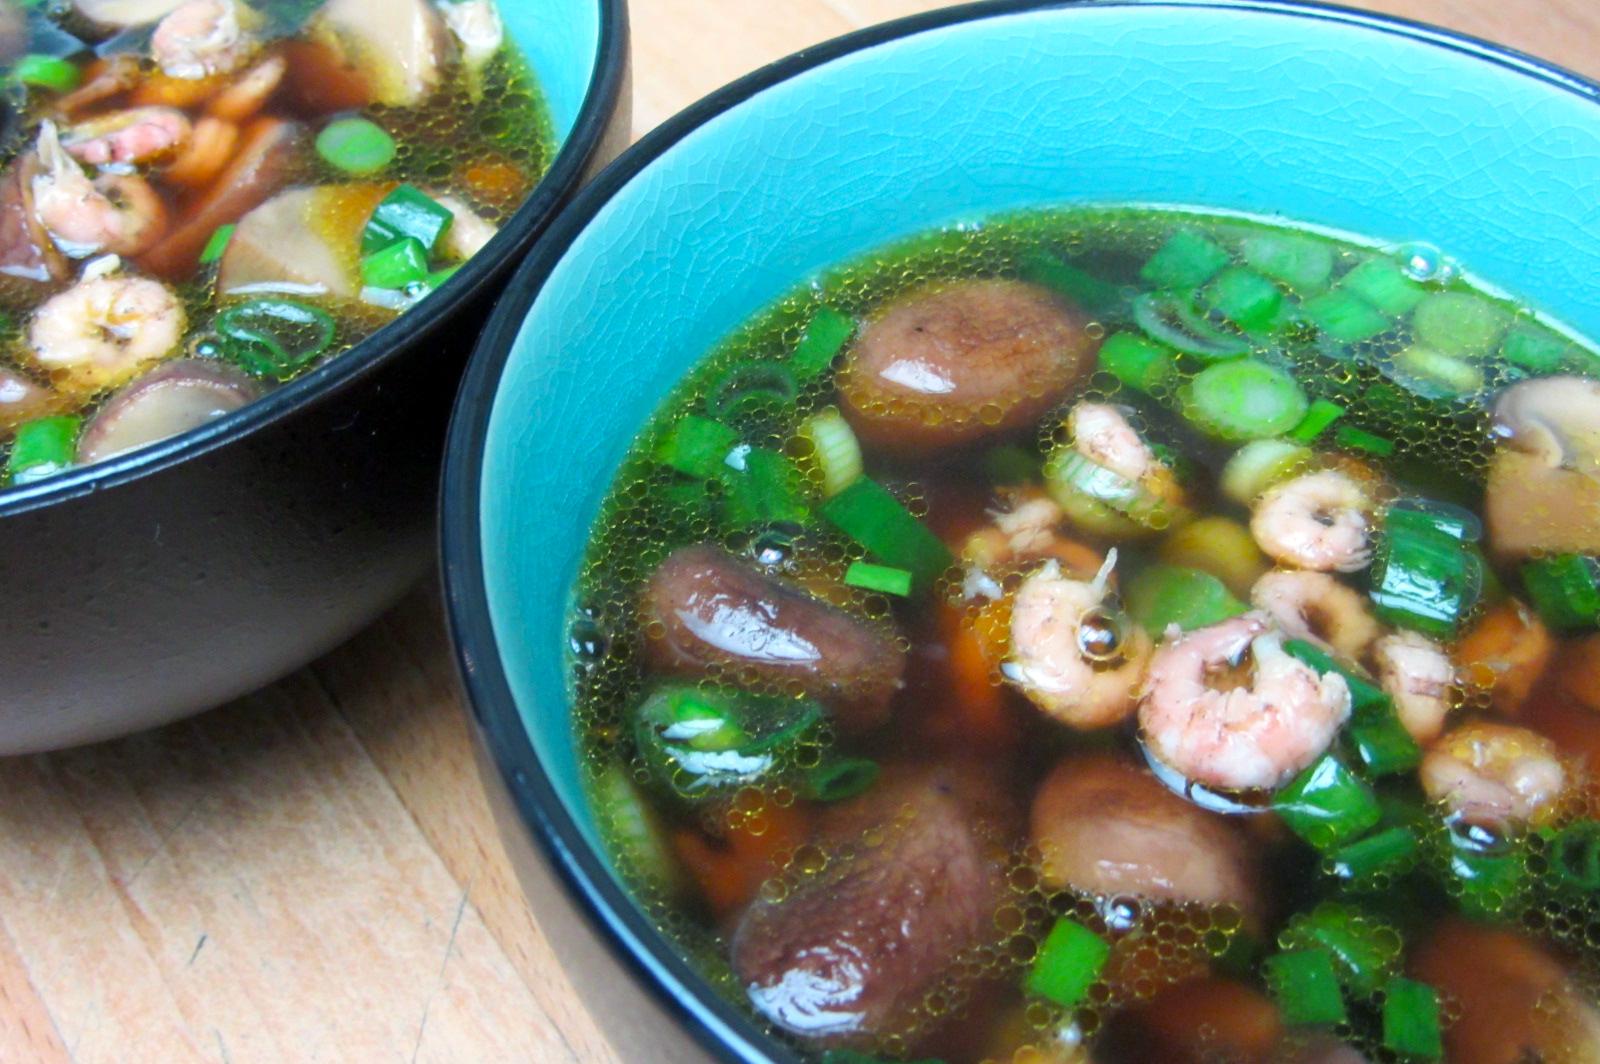 Soepje met champignons, lente-ui en garnalen (Pascalle Naessens)